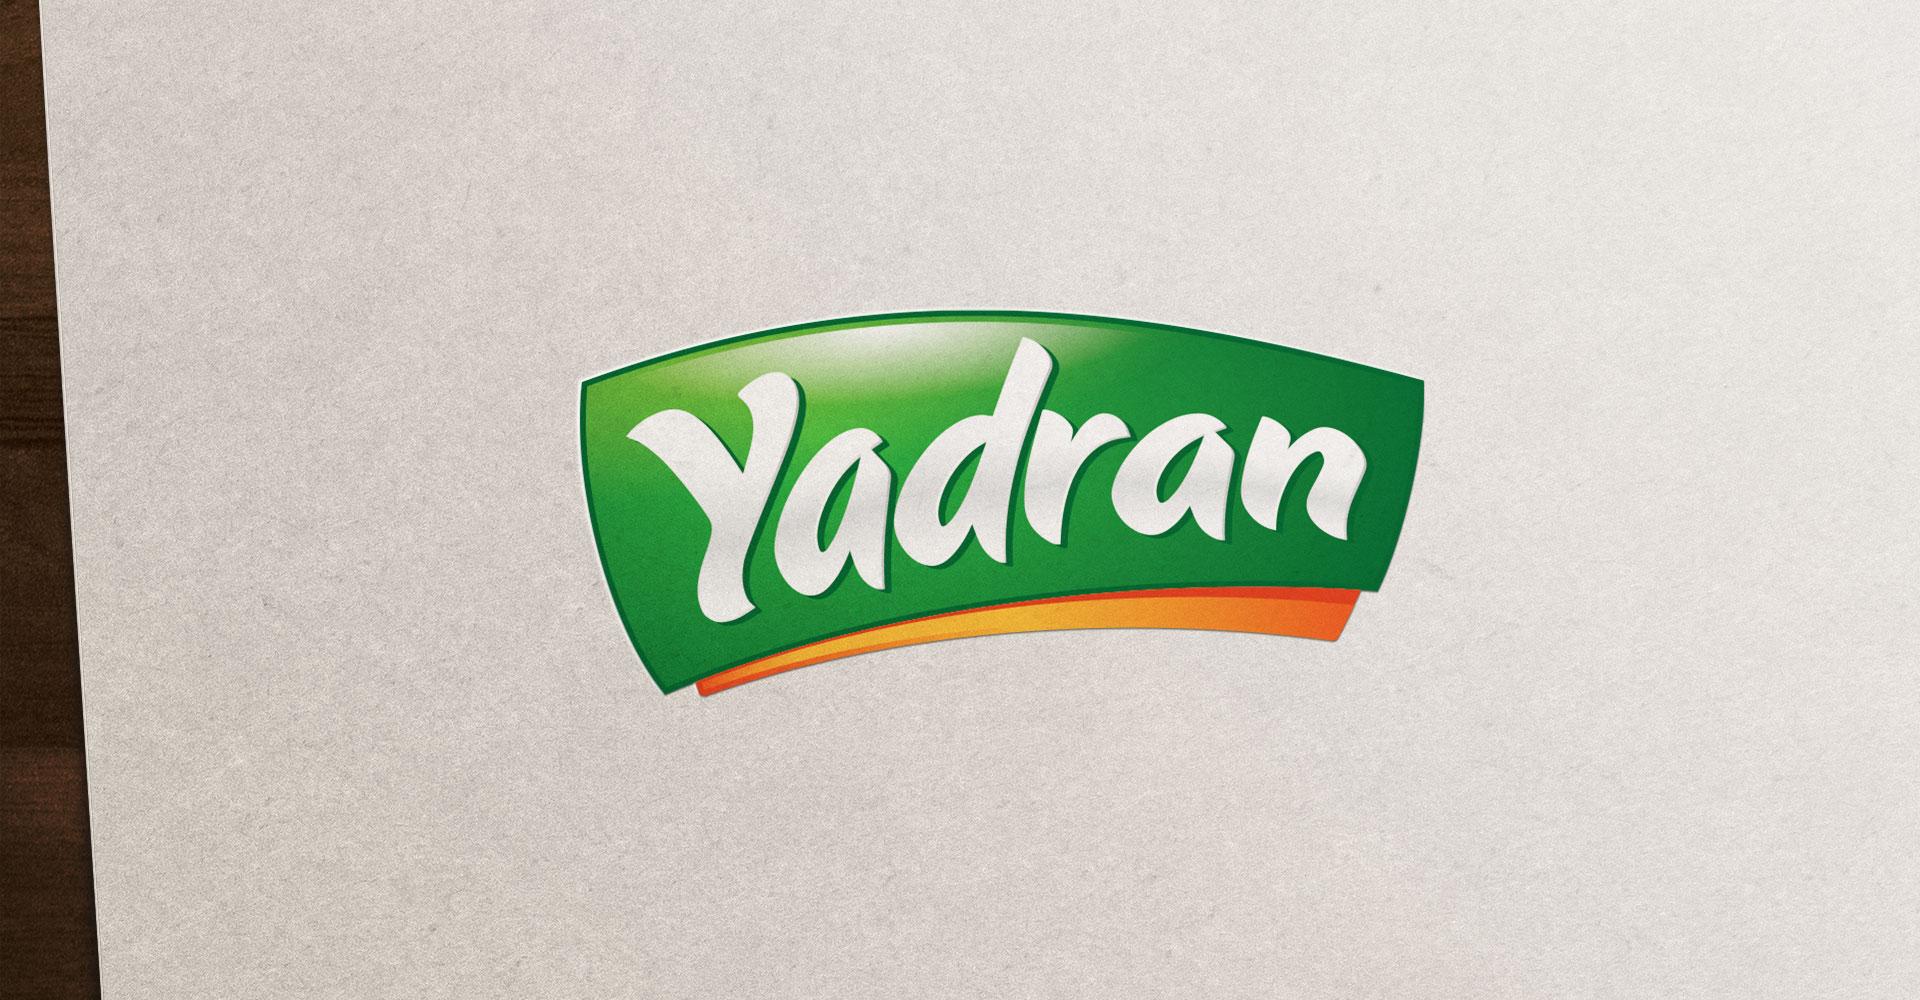 Dizajn i izrada logotipa za ruski brend smrznutog povrća Yadran